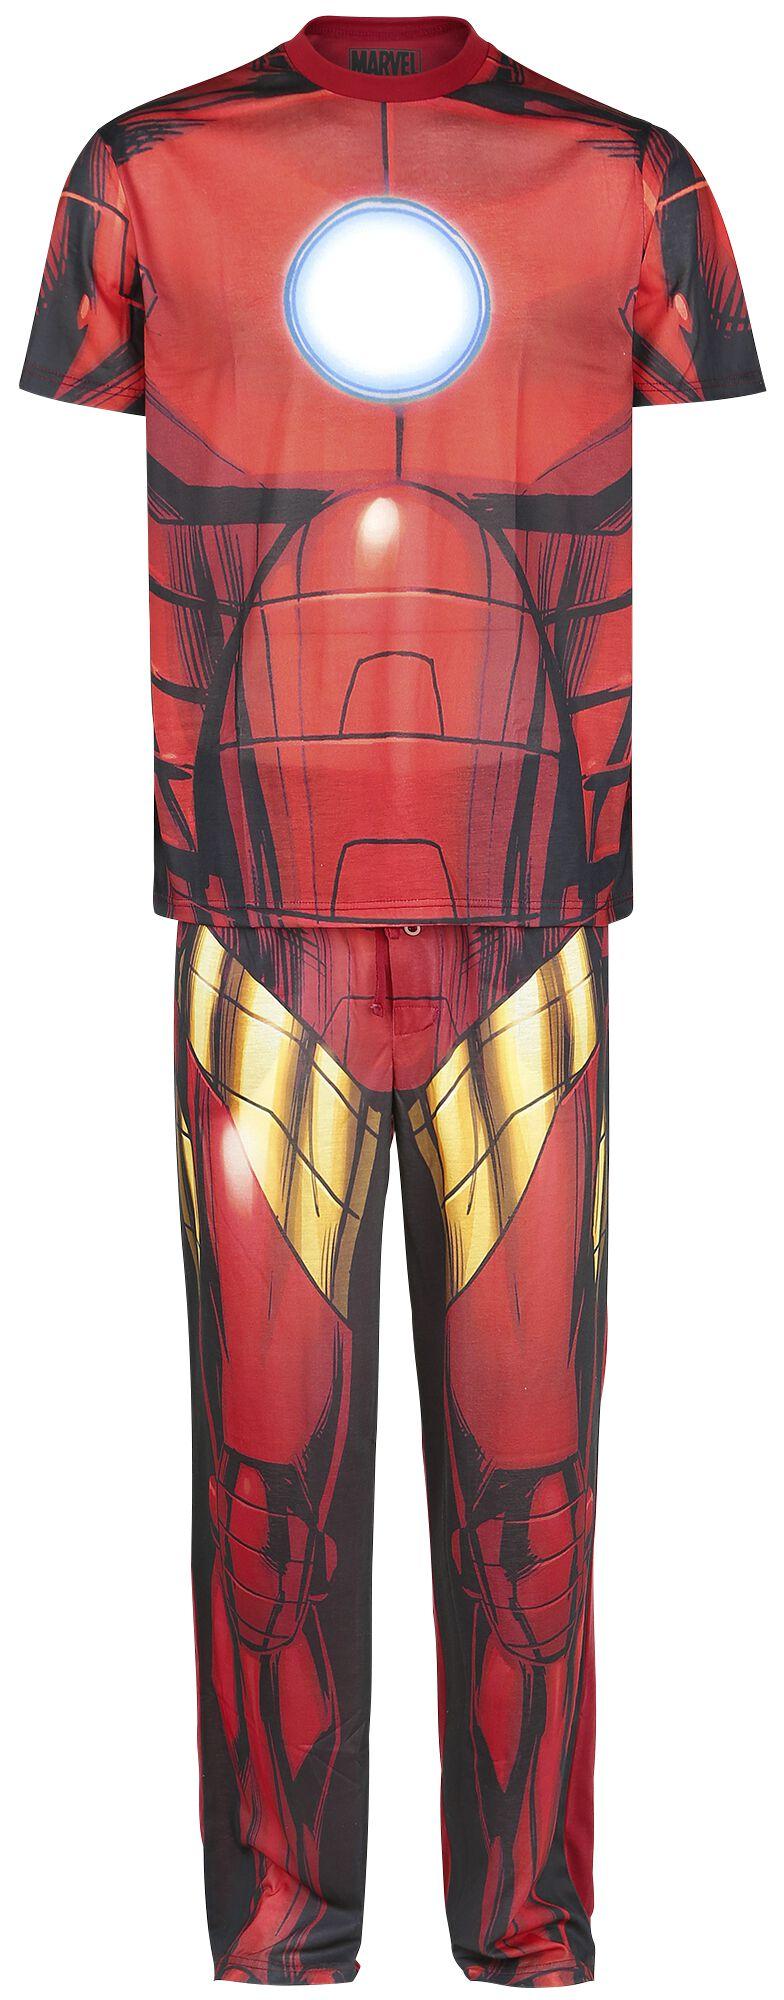 Merch dla Fanów - Do sypialni - Pidżama Iron Man Cosplay Pidżama wielokolorowy - 348590